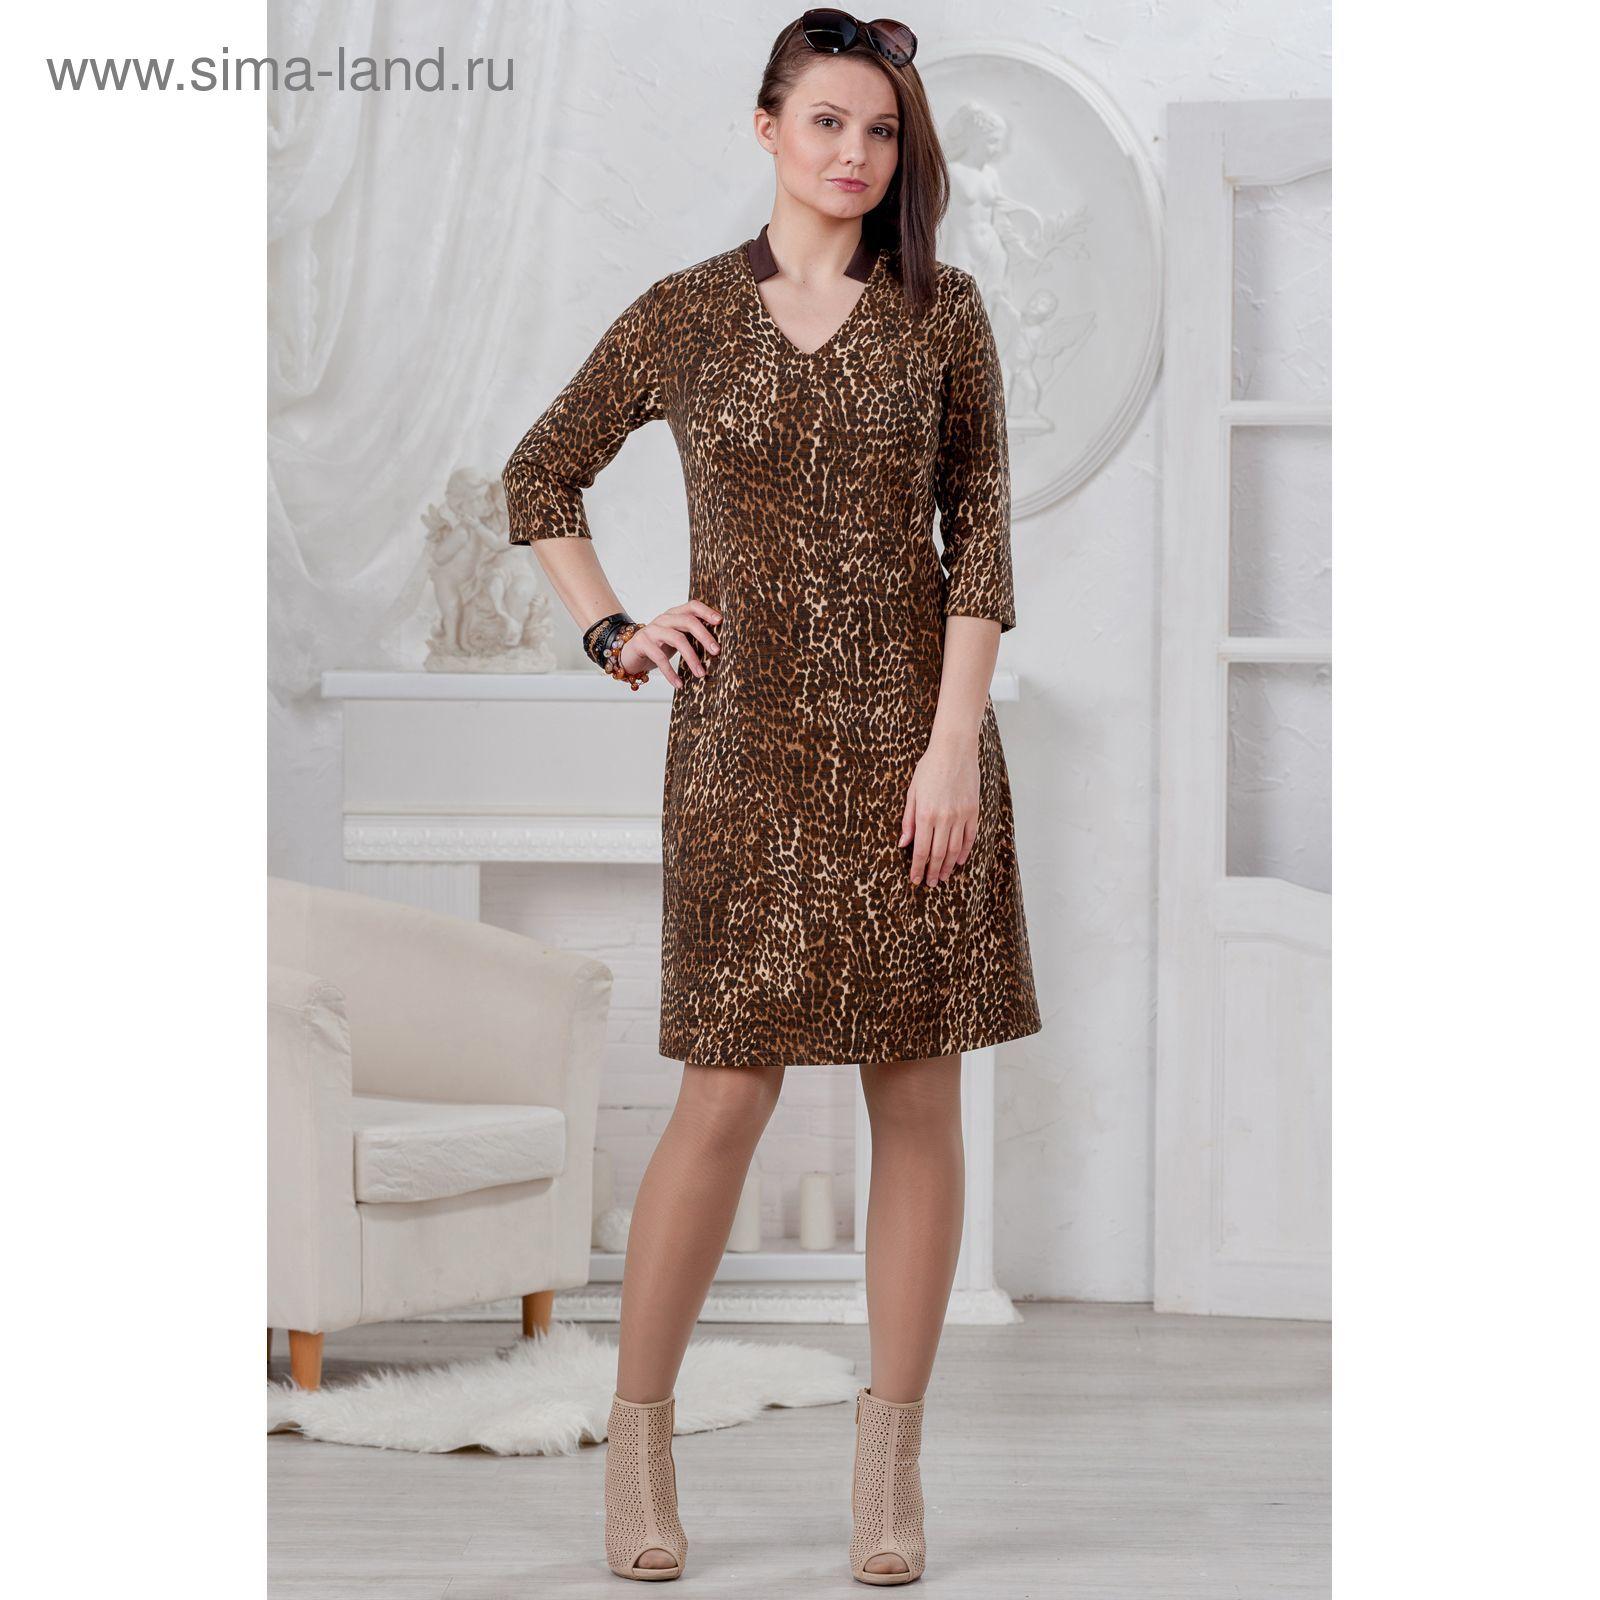 c4588fe4bbcc Платье женское 4454 цвет шоколад леопард, р-р 46 (1317167) - Купить ...